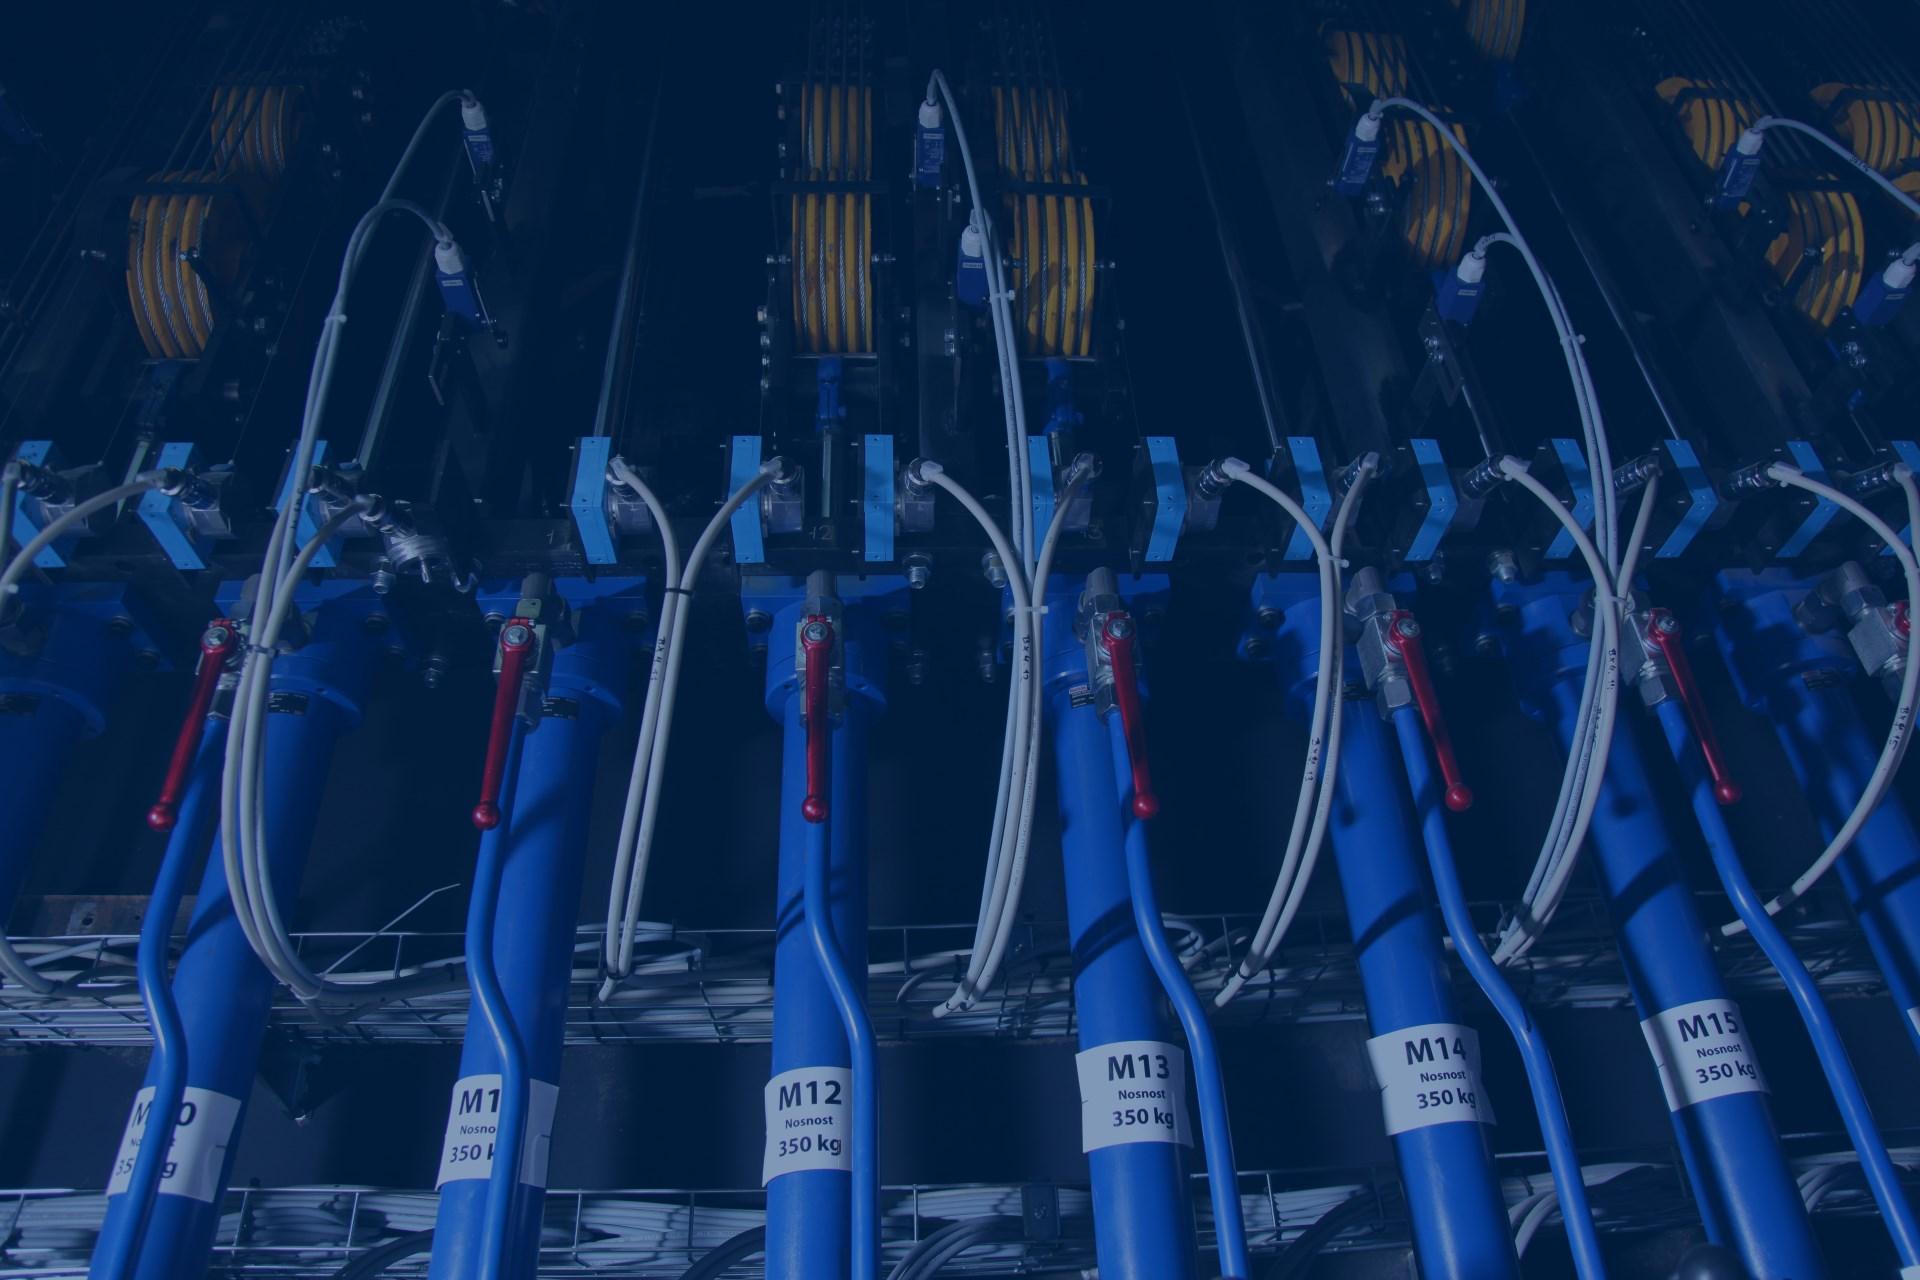 dodavatel hydraulických systémů pro těžký průmysl